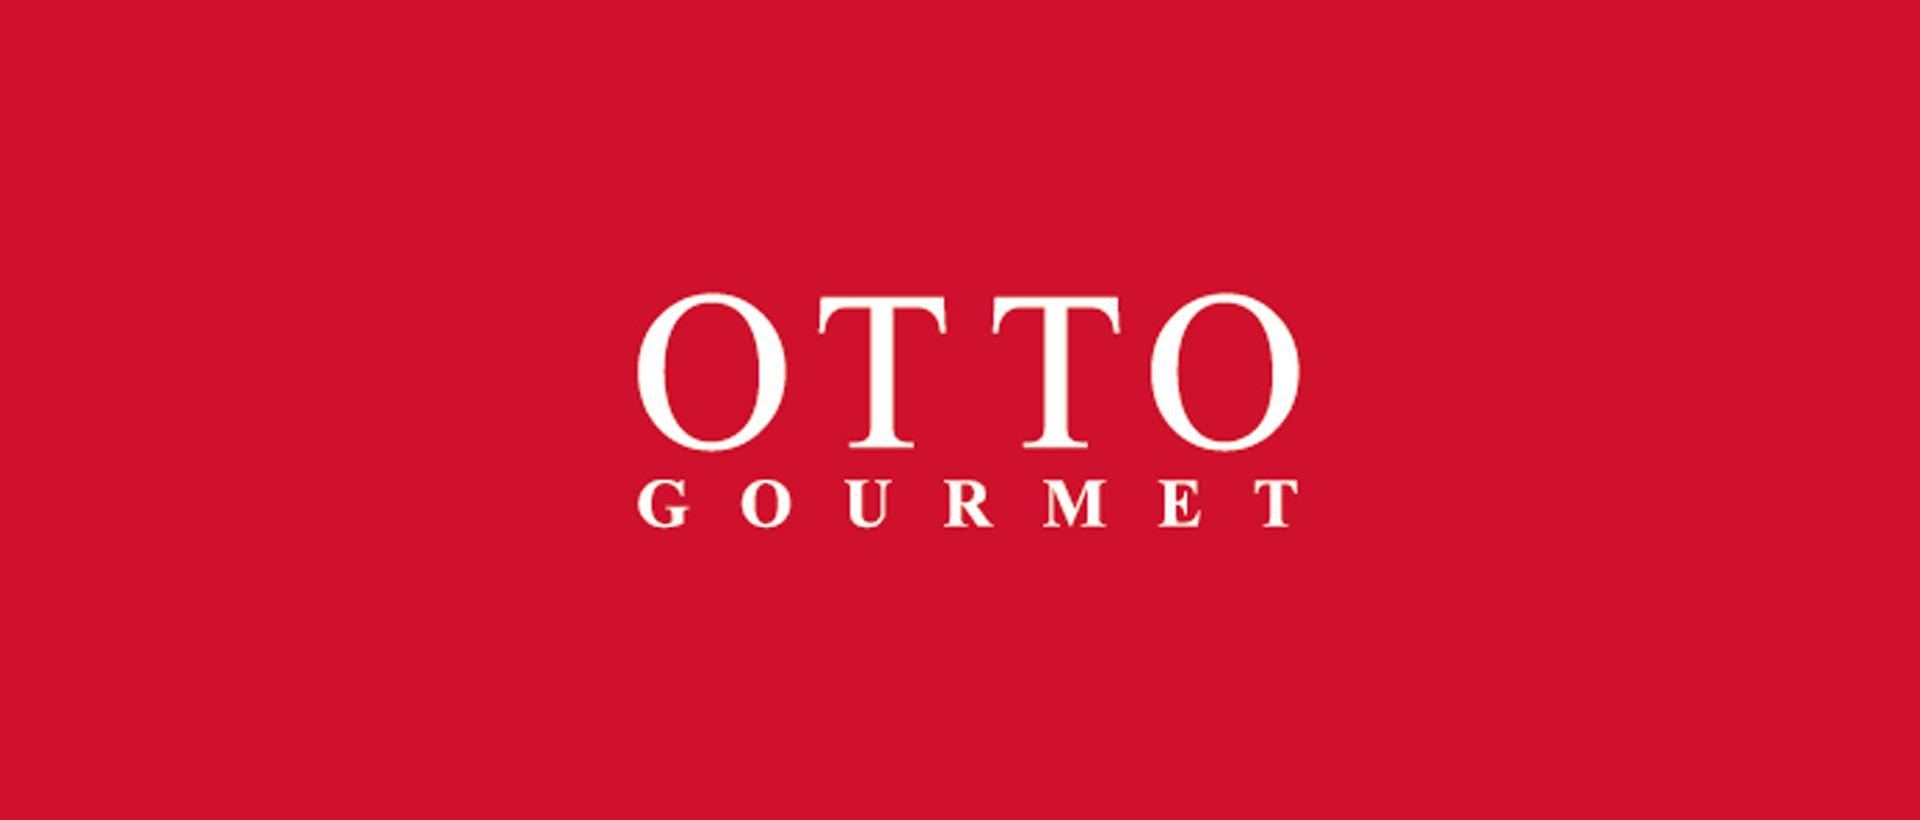 Otto Gourmet: Partner vom Restaurant Waldschlösschen